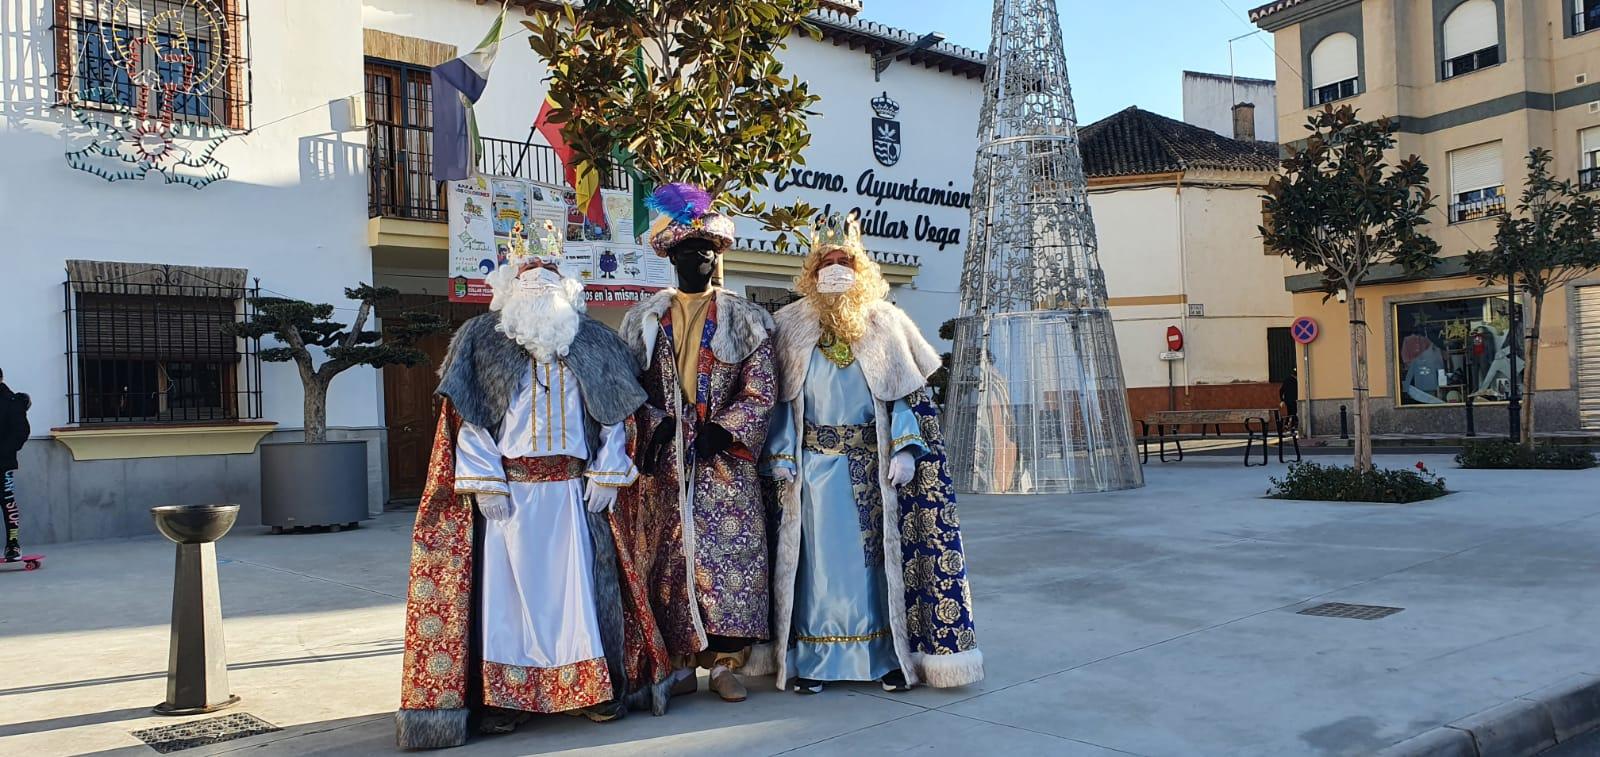 Los Reyes Magos, considerados como servicio esencial en Cúllar Vega, visitarán las casas de más de 600 niños durante dos días